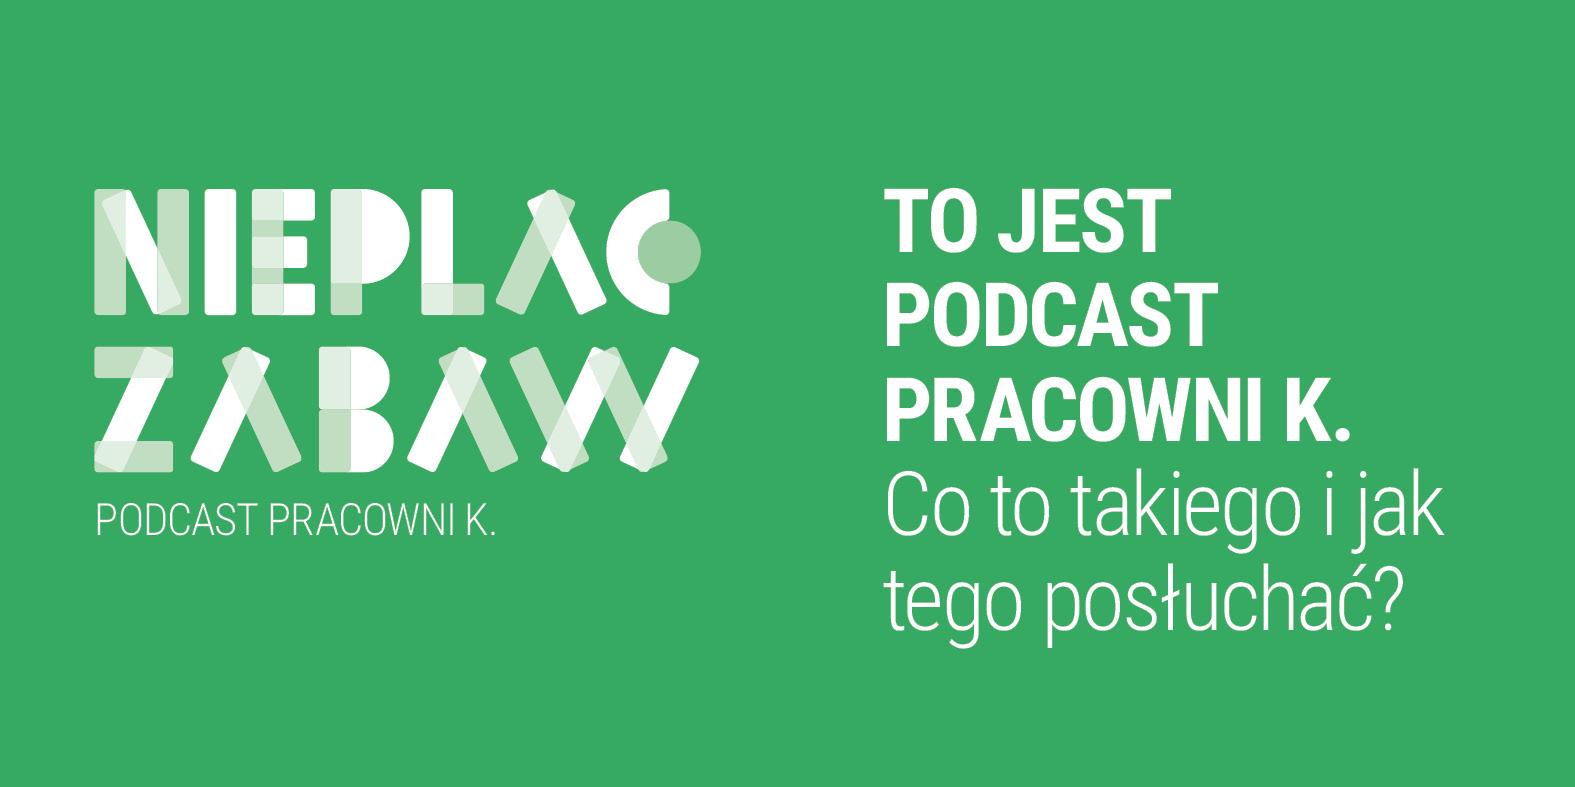 jak słuchać podcastu